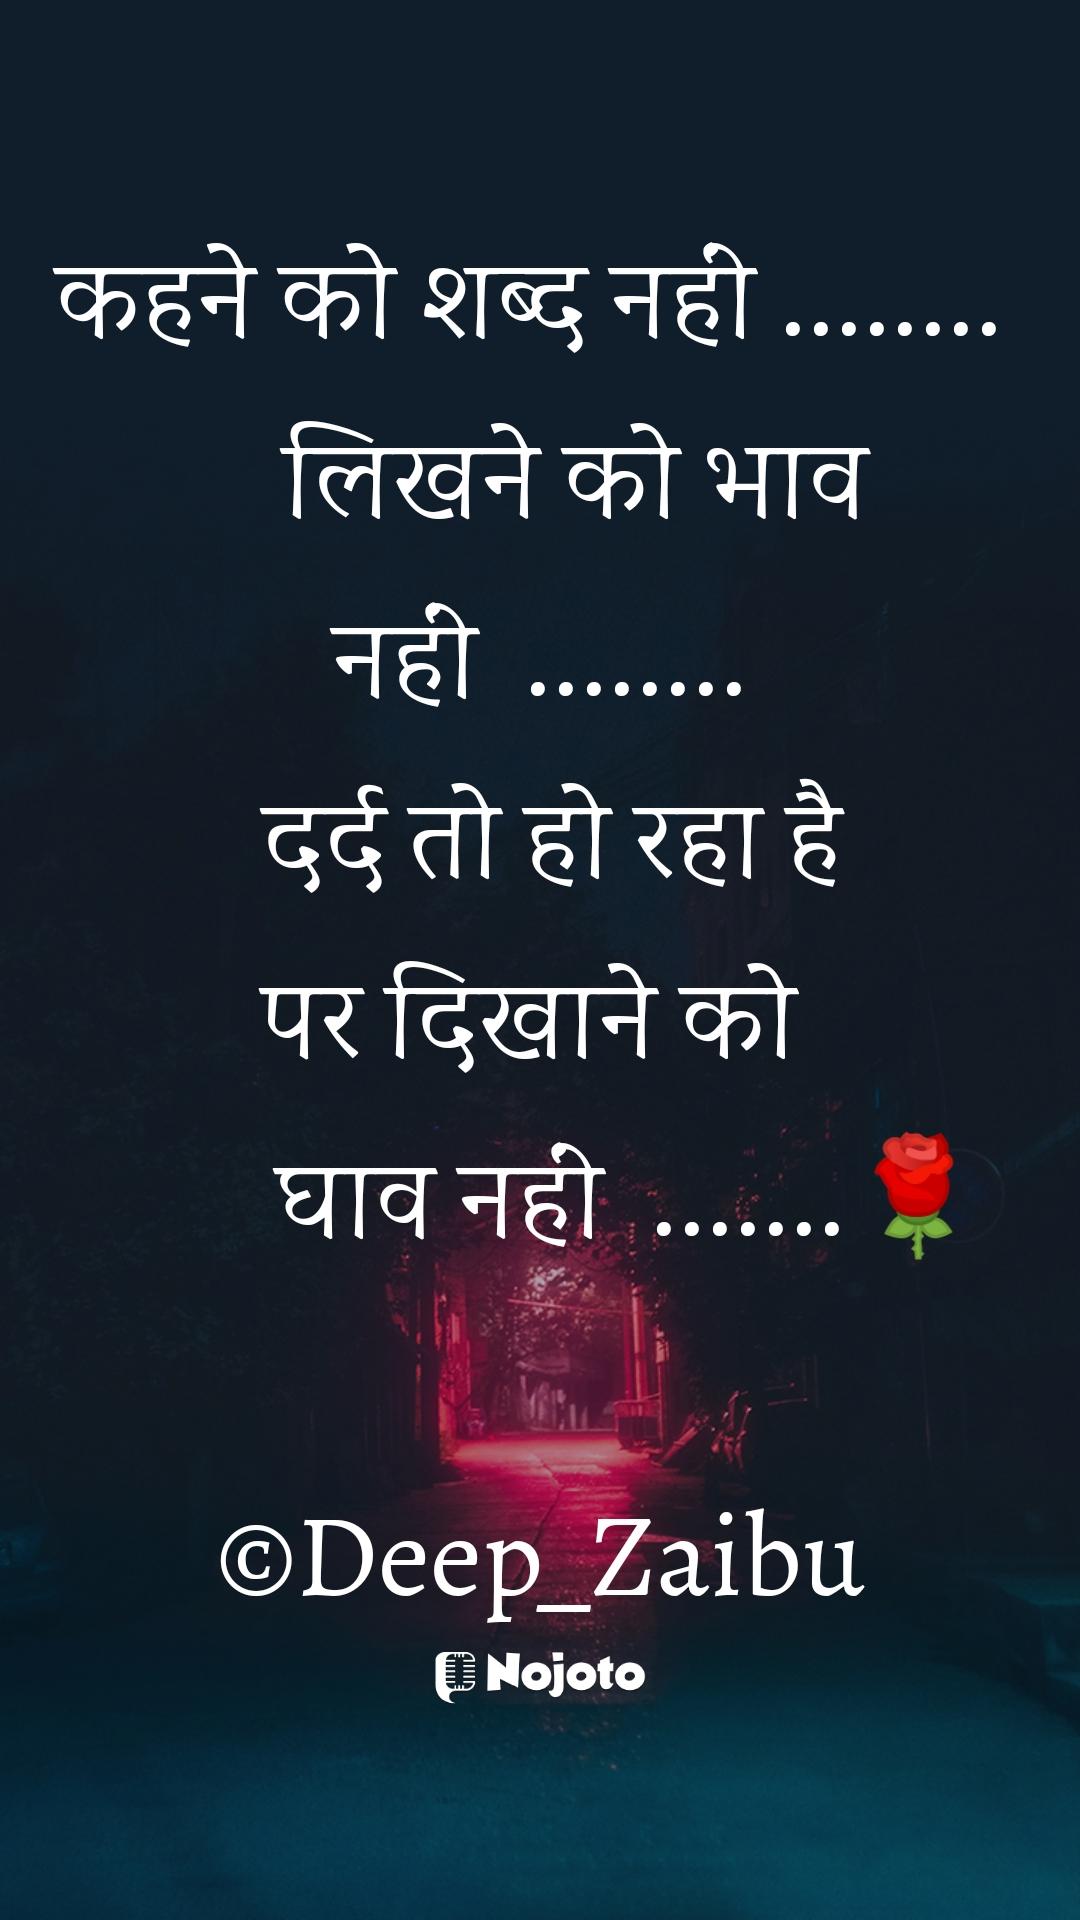 कहने को शब्द नहीं ........     लिखने को भाव नहीं  ........   दर्द तो हो रहा है  पर दिखाने को          घाव नहीं  .......🌹  ©Deep_Zaibu